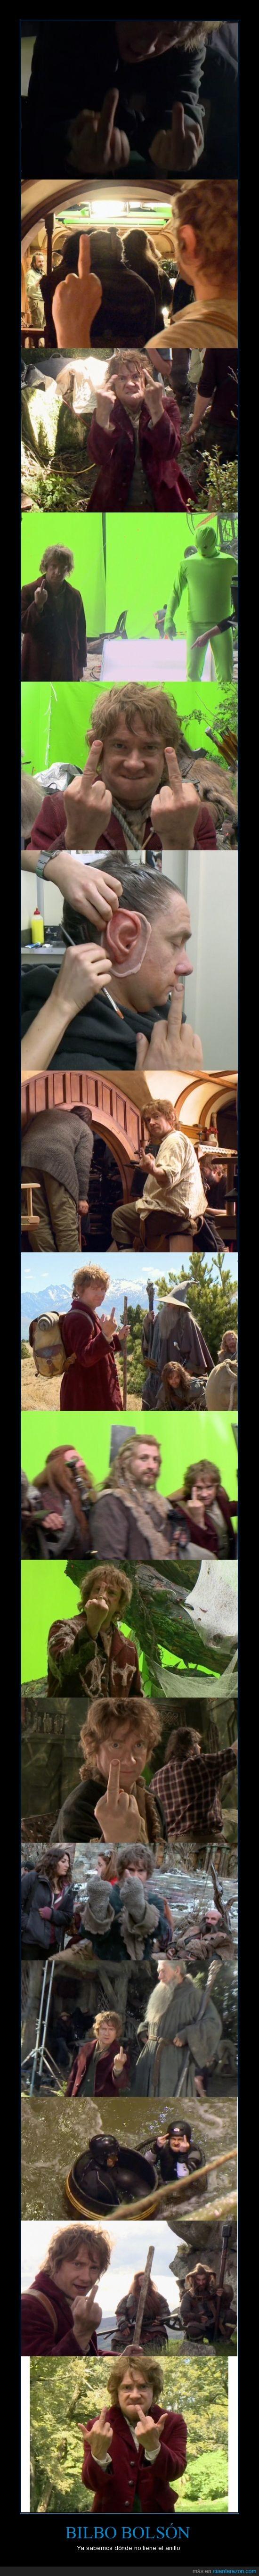 bilbo bolson,dedo,hobbit,peineta